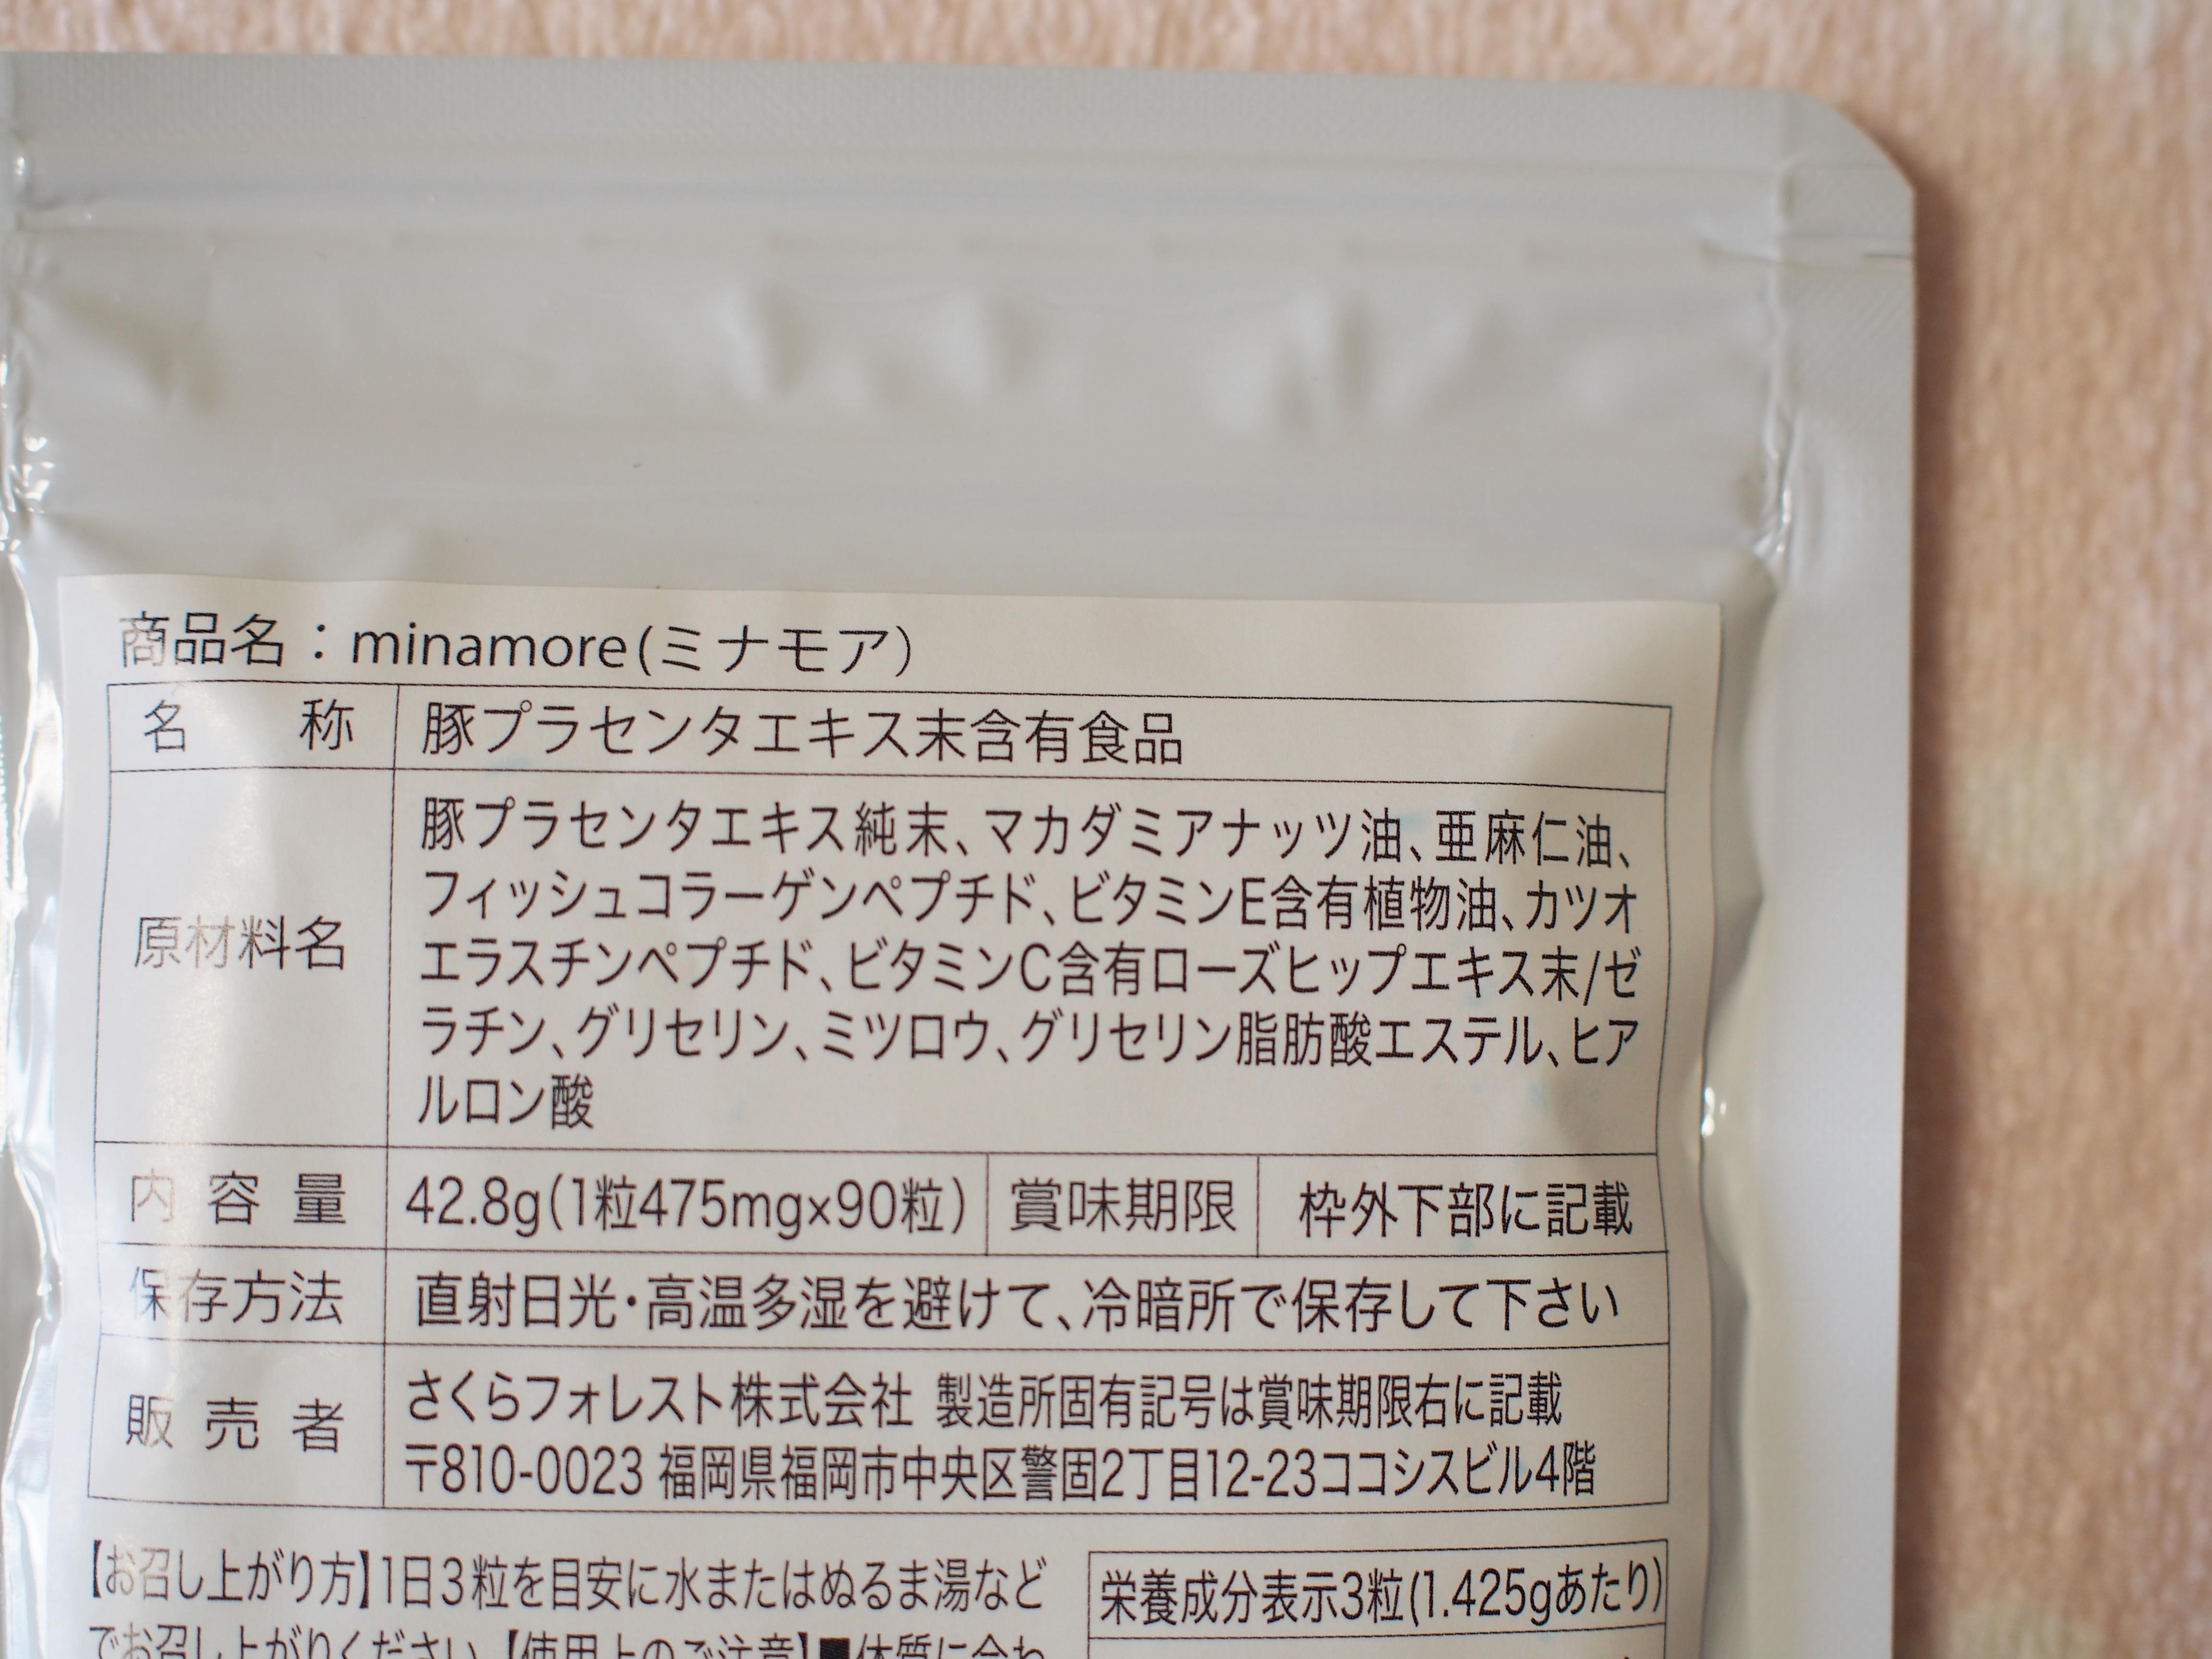 ミナモア 成分